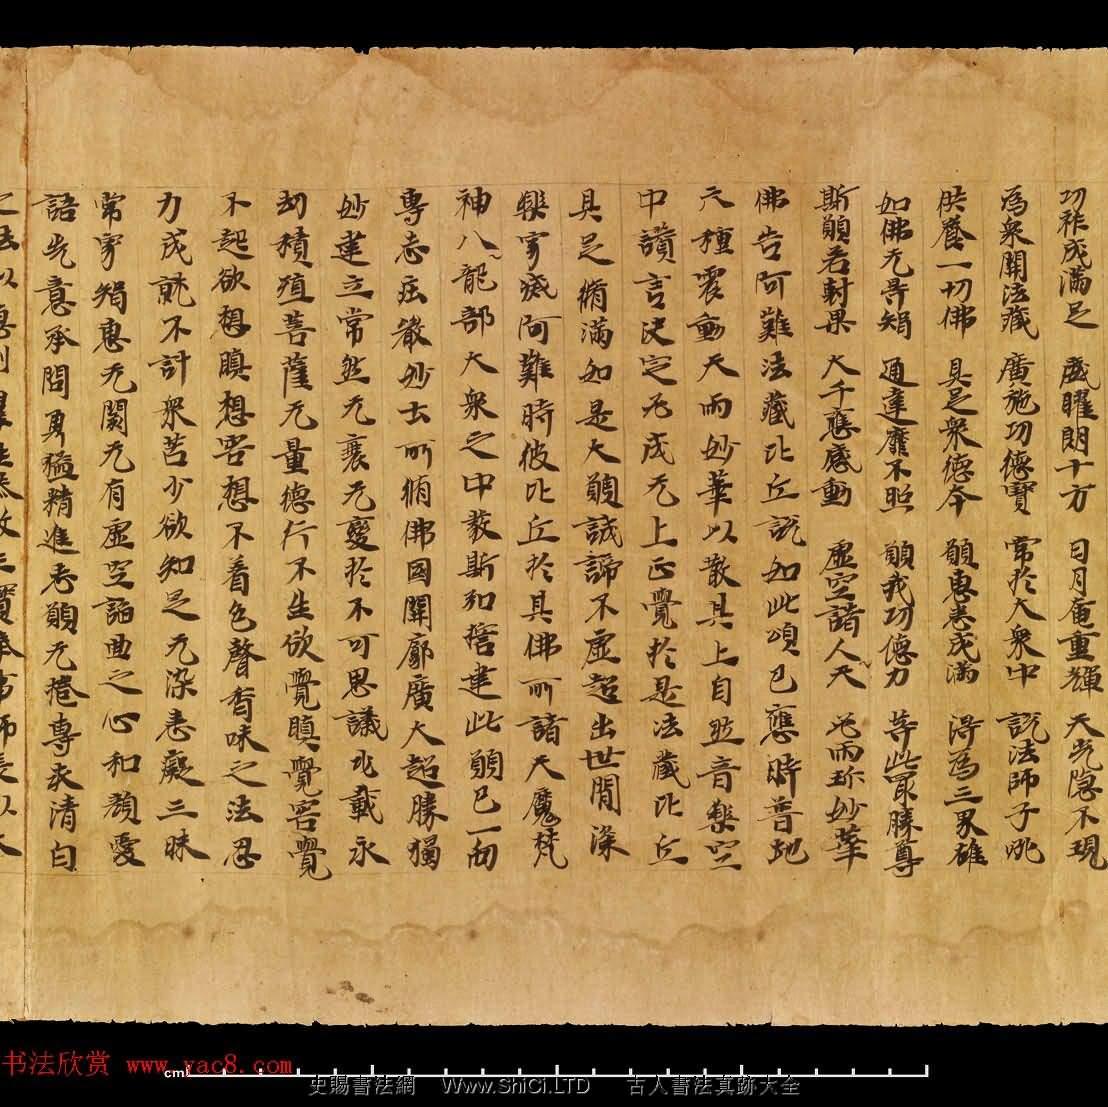 敦煌遺書《無量壽經捲上》日本藏